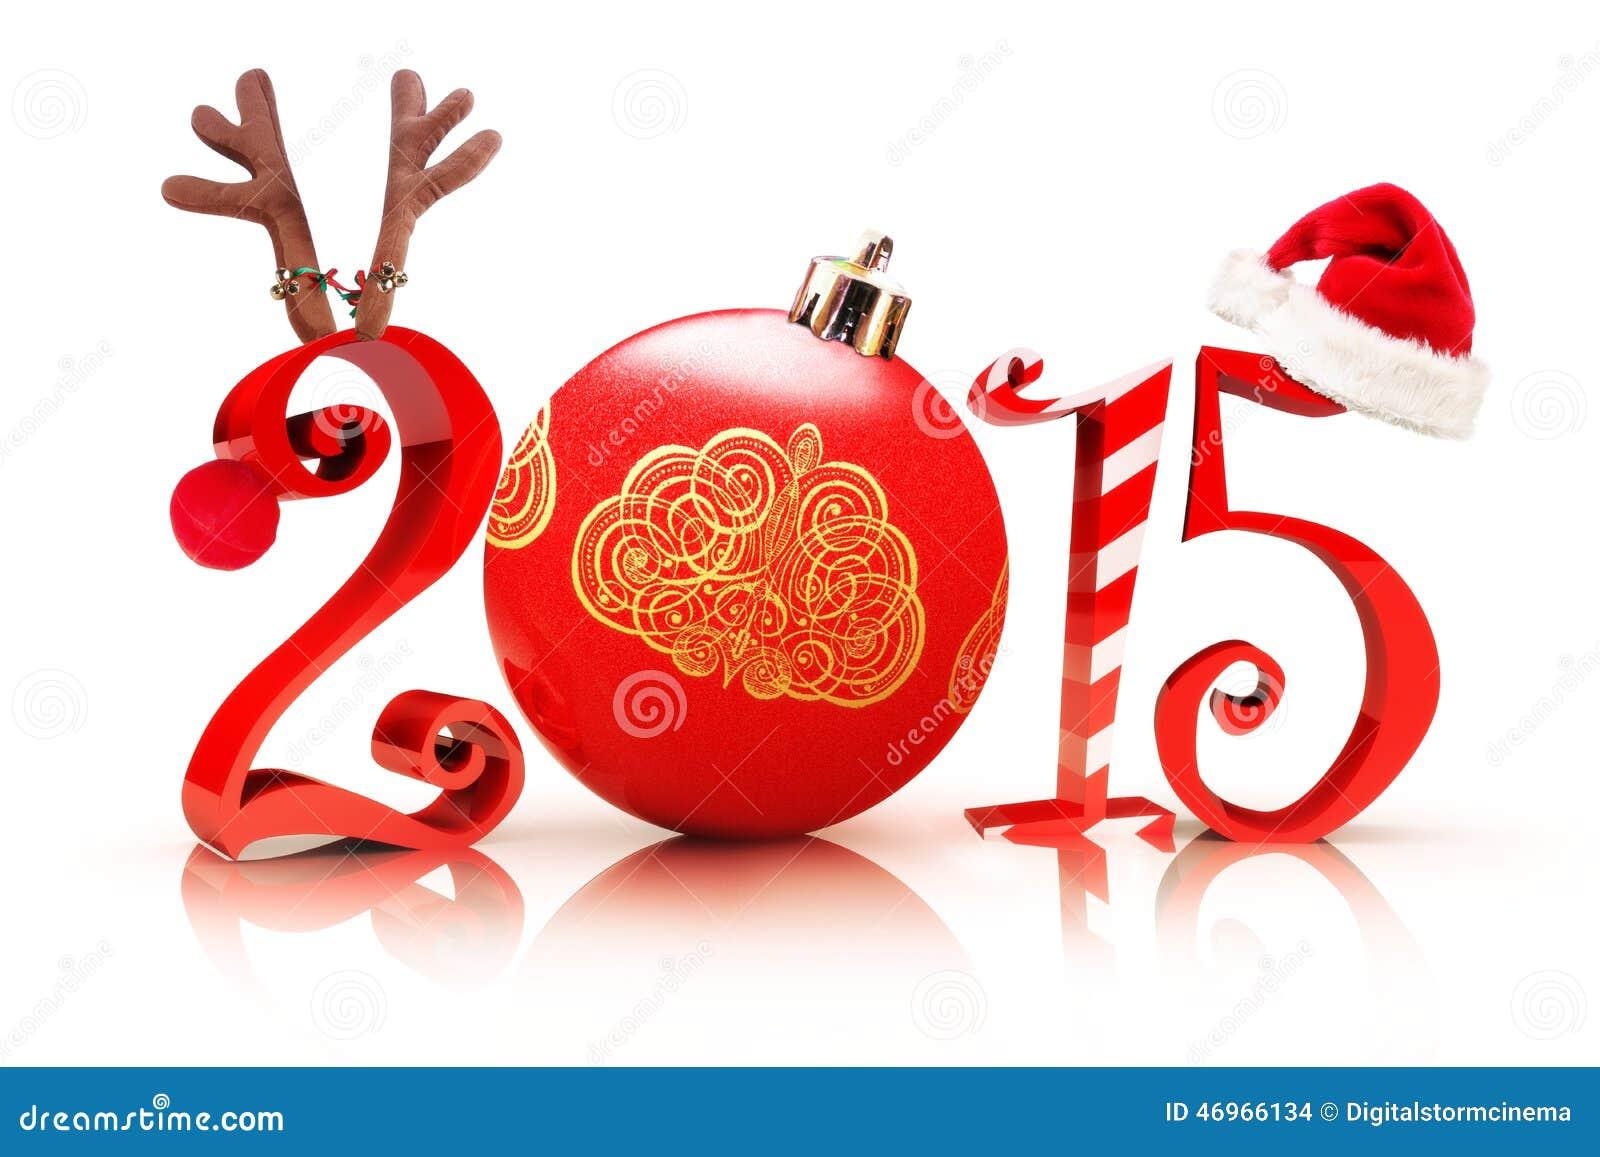 Kerstmis 2015 Stock Illustratie Afbeelding Bestaande Uit